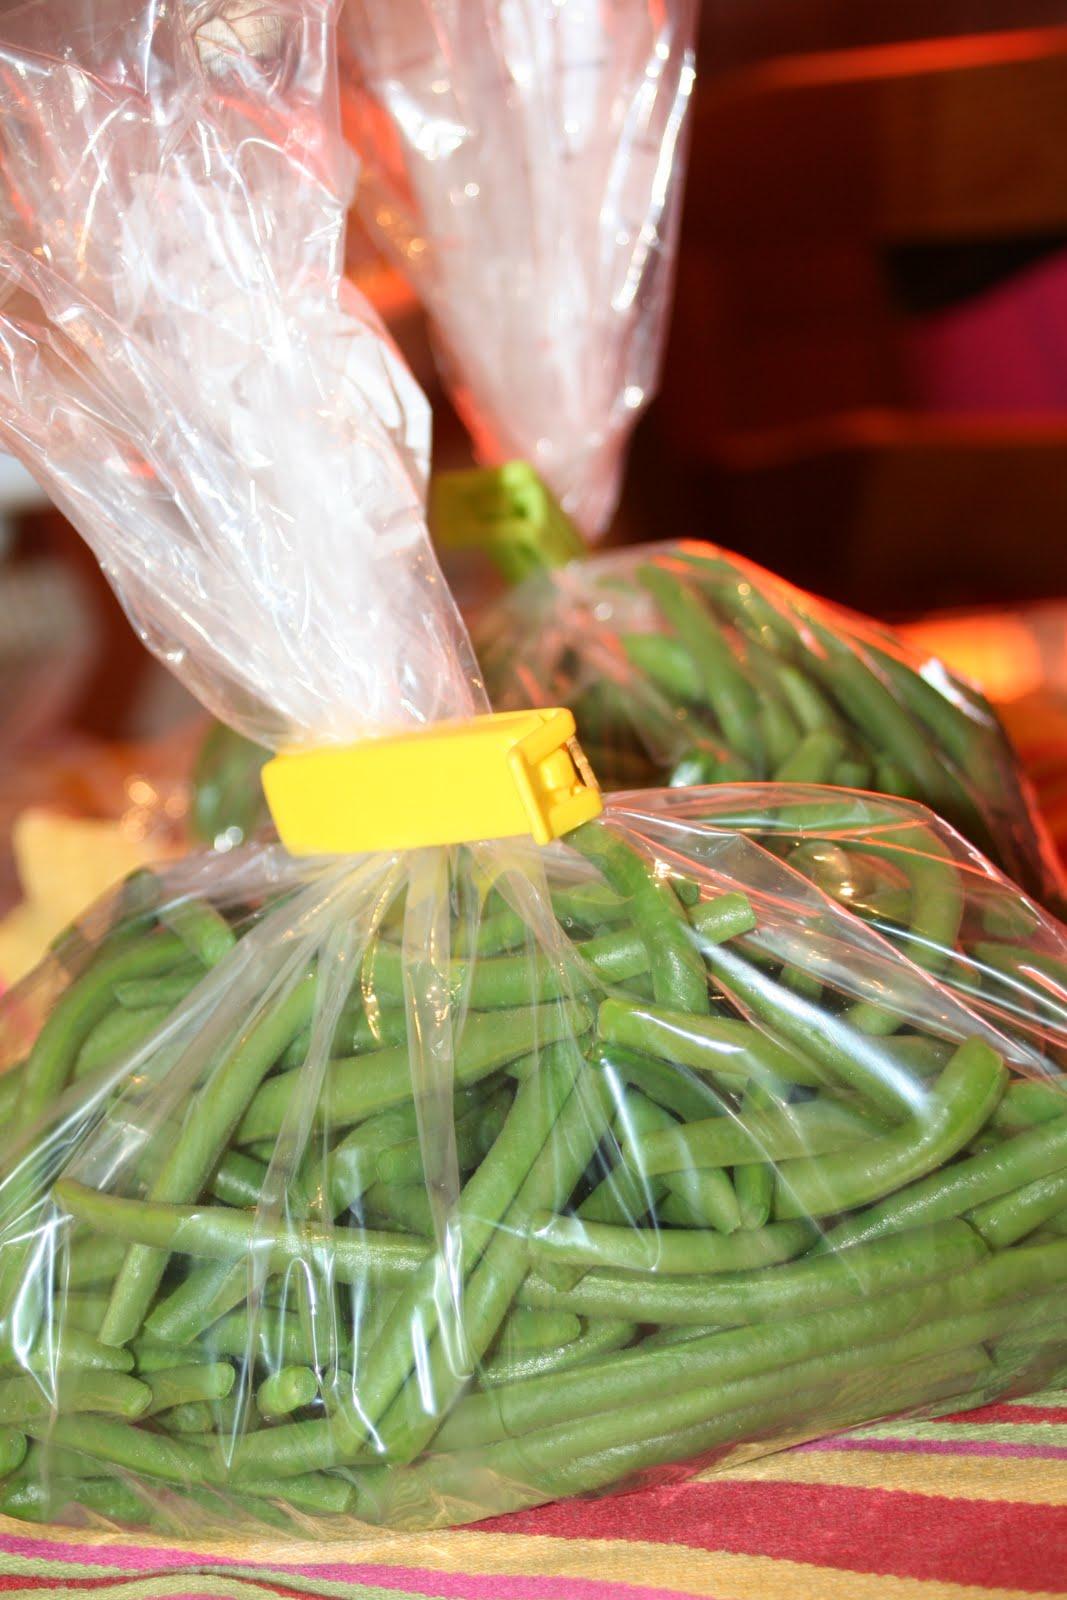 Les trouvailles de cacaille congeler des haricots verts - Cuisiner haricots verts ...